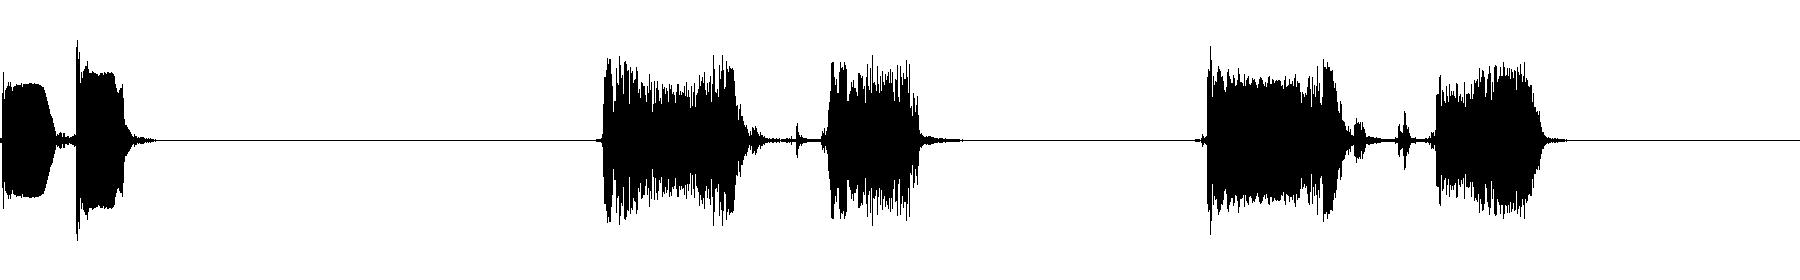 guitarfunk04 130